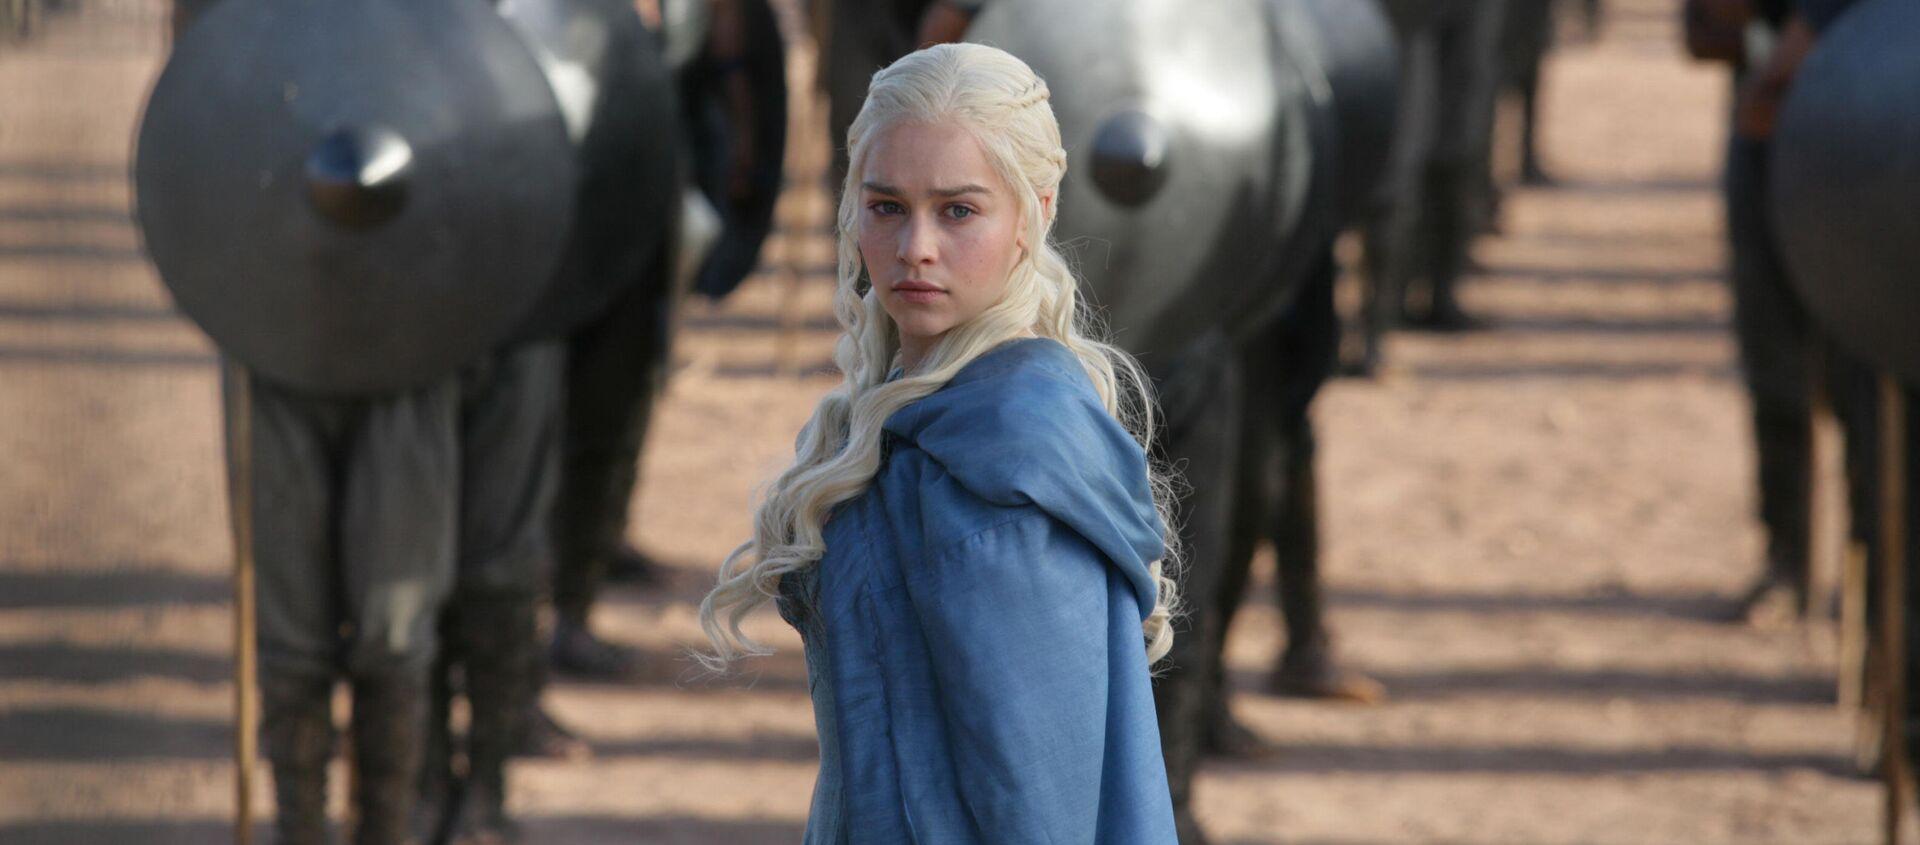 Emilia Clark, odtwórczyni roli Daenerys Targaryen w serialu Gro o tron - Sputnik Polska, 1920, 25.01.2020